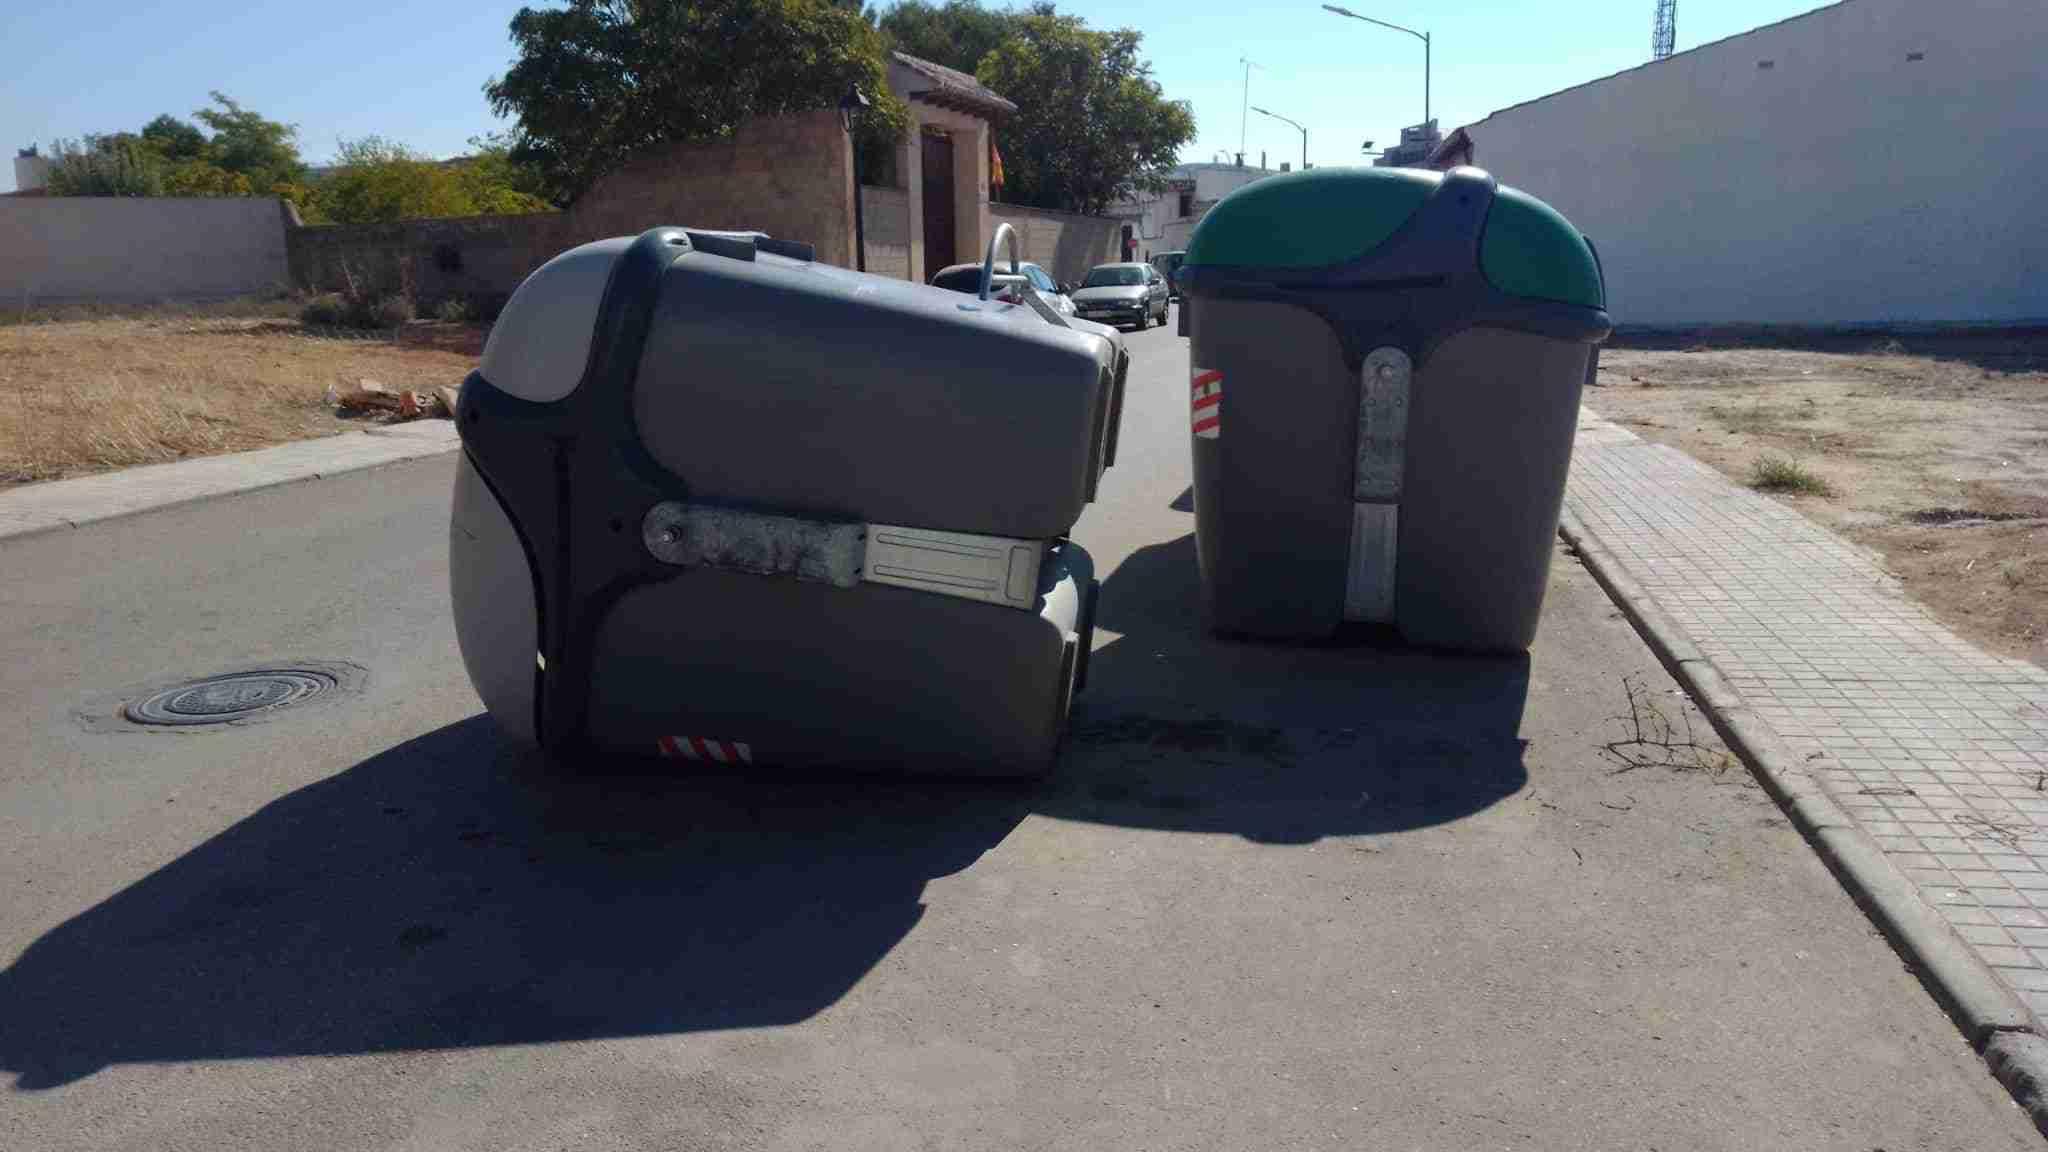 Ejemplos de cómo no utilizar un contenedor de basura 6